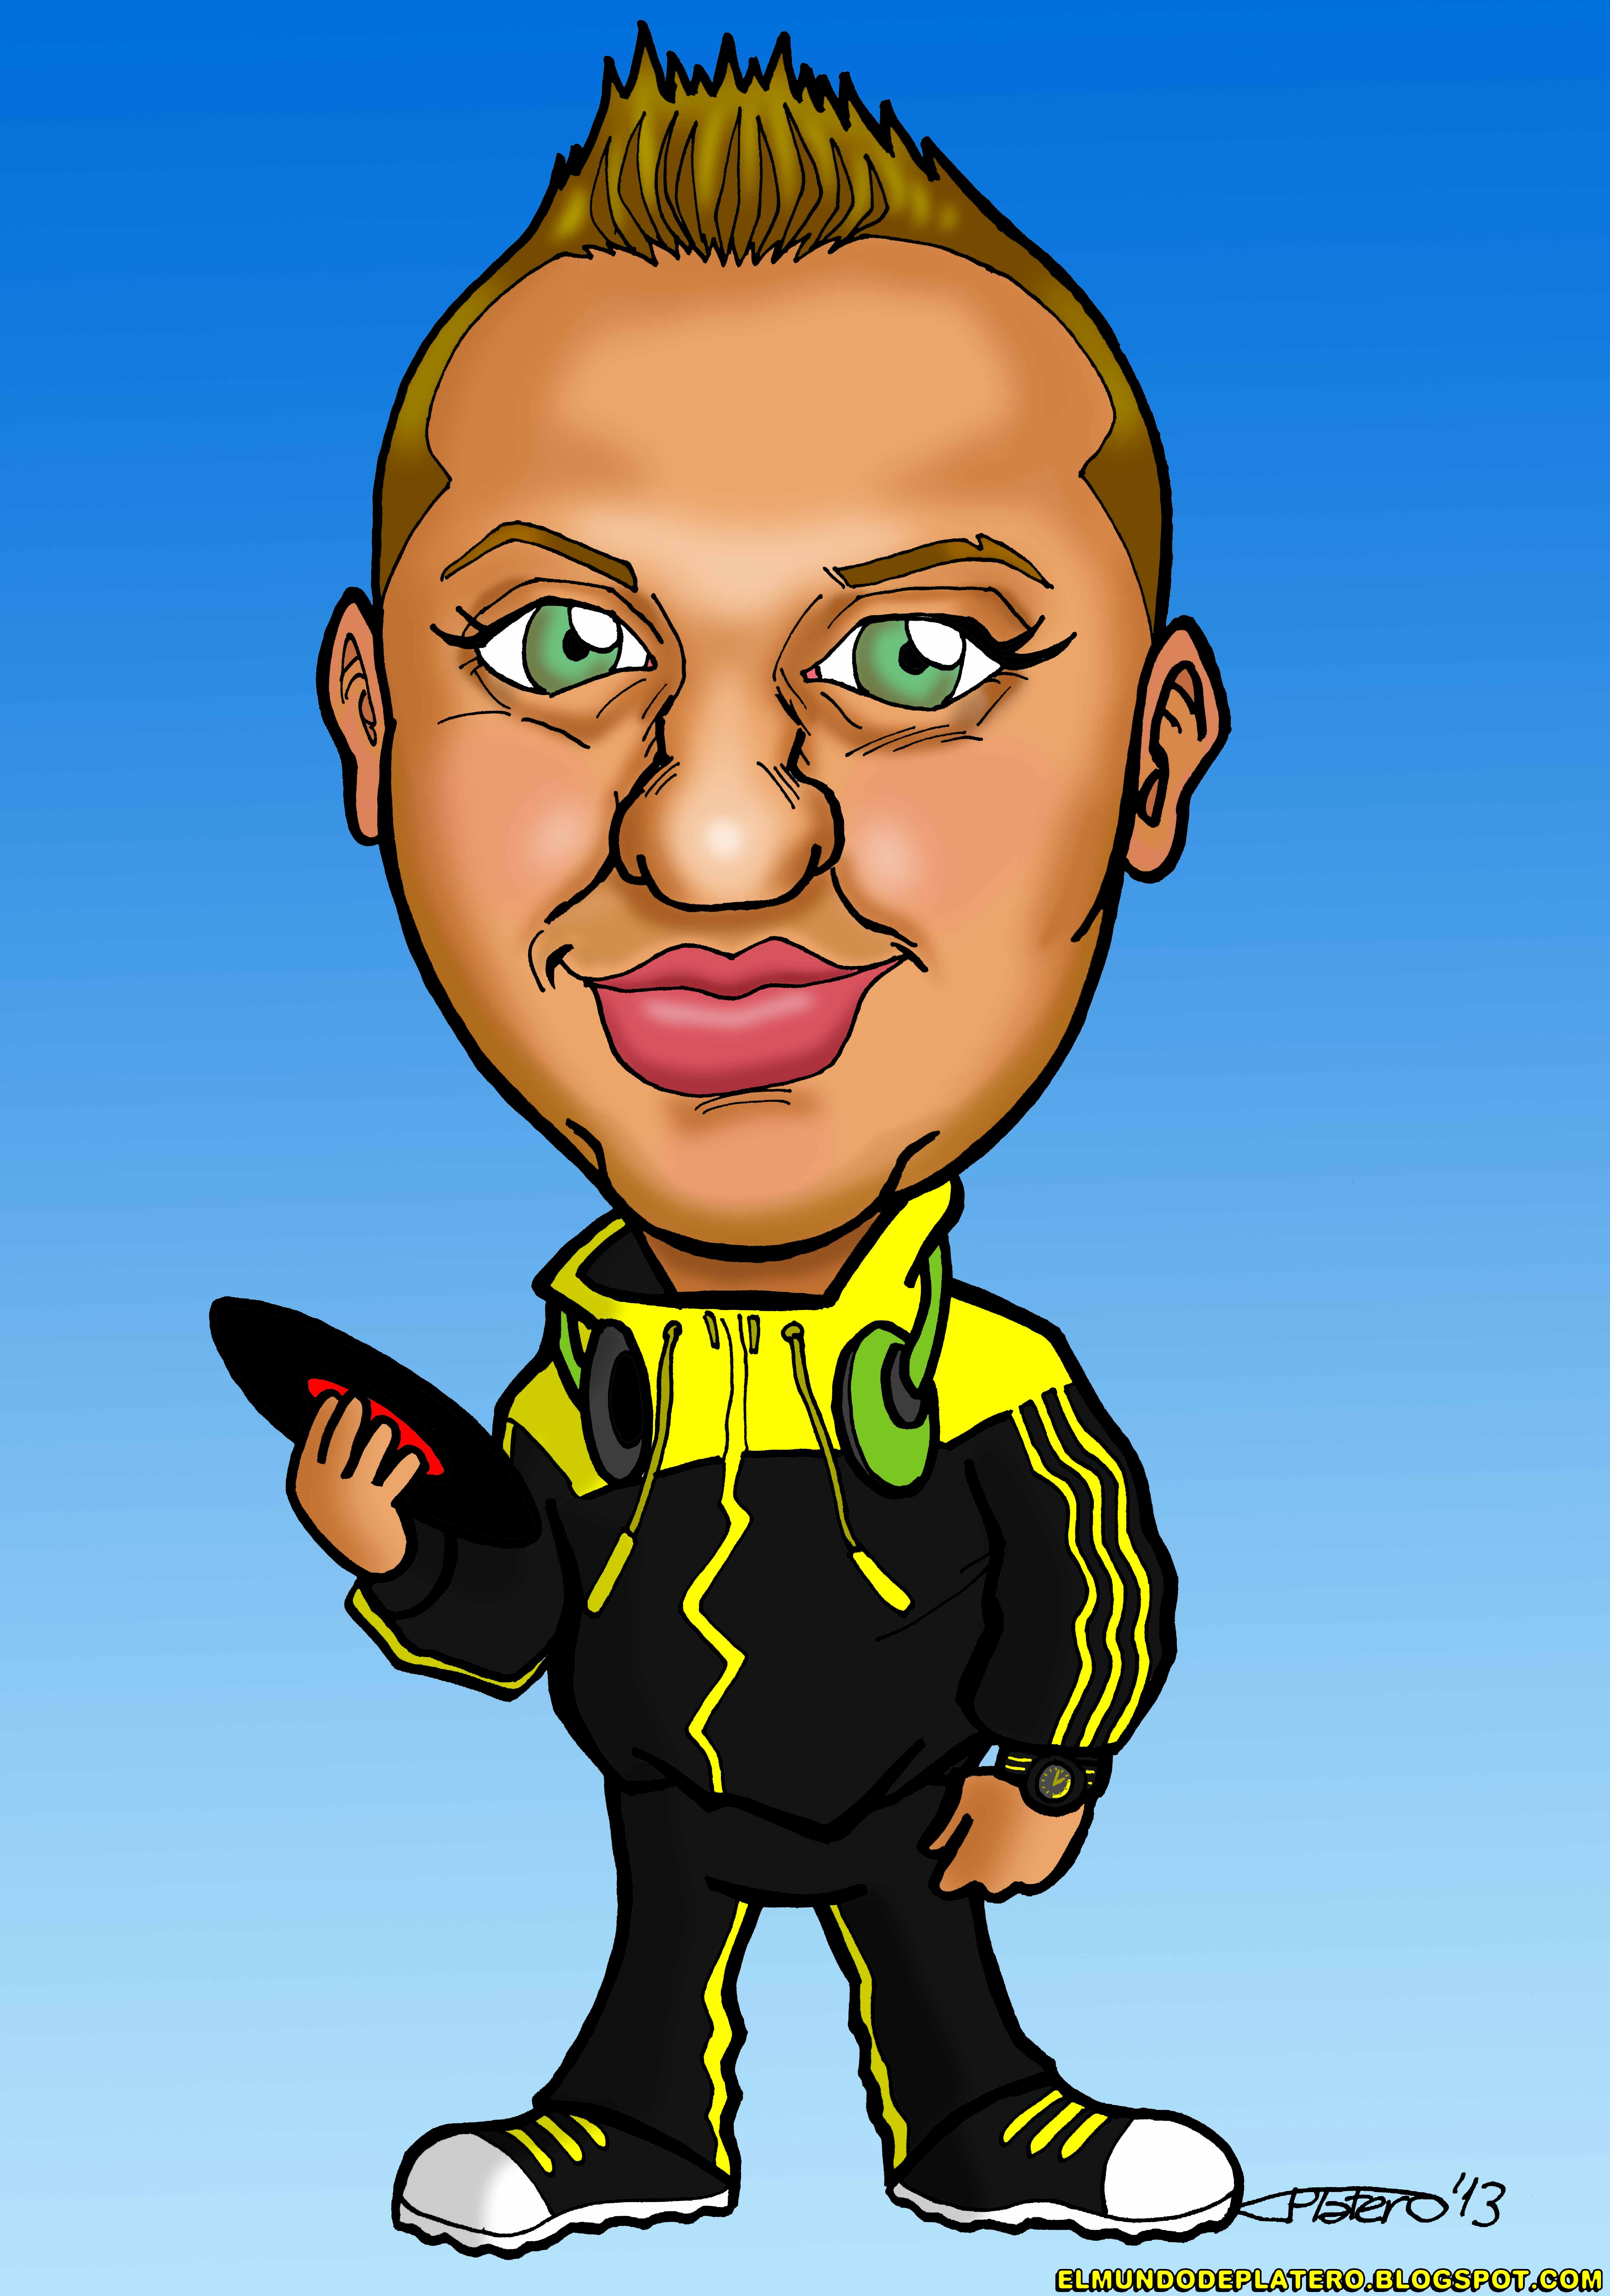 caricatura a color por encargo personalizada_chico dj_ elmundodeplatero_josé lui